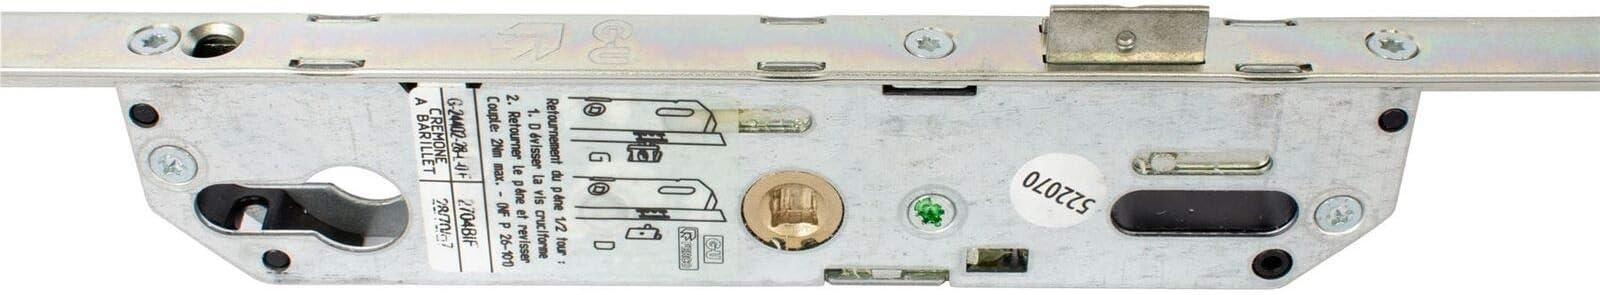 3200 MPL con rodillo 28 mm turbadoras 4 Ferco 5,28 homesecure de Pont para cerradura cil/índrica de puerta